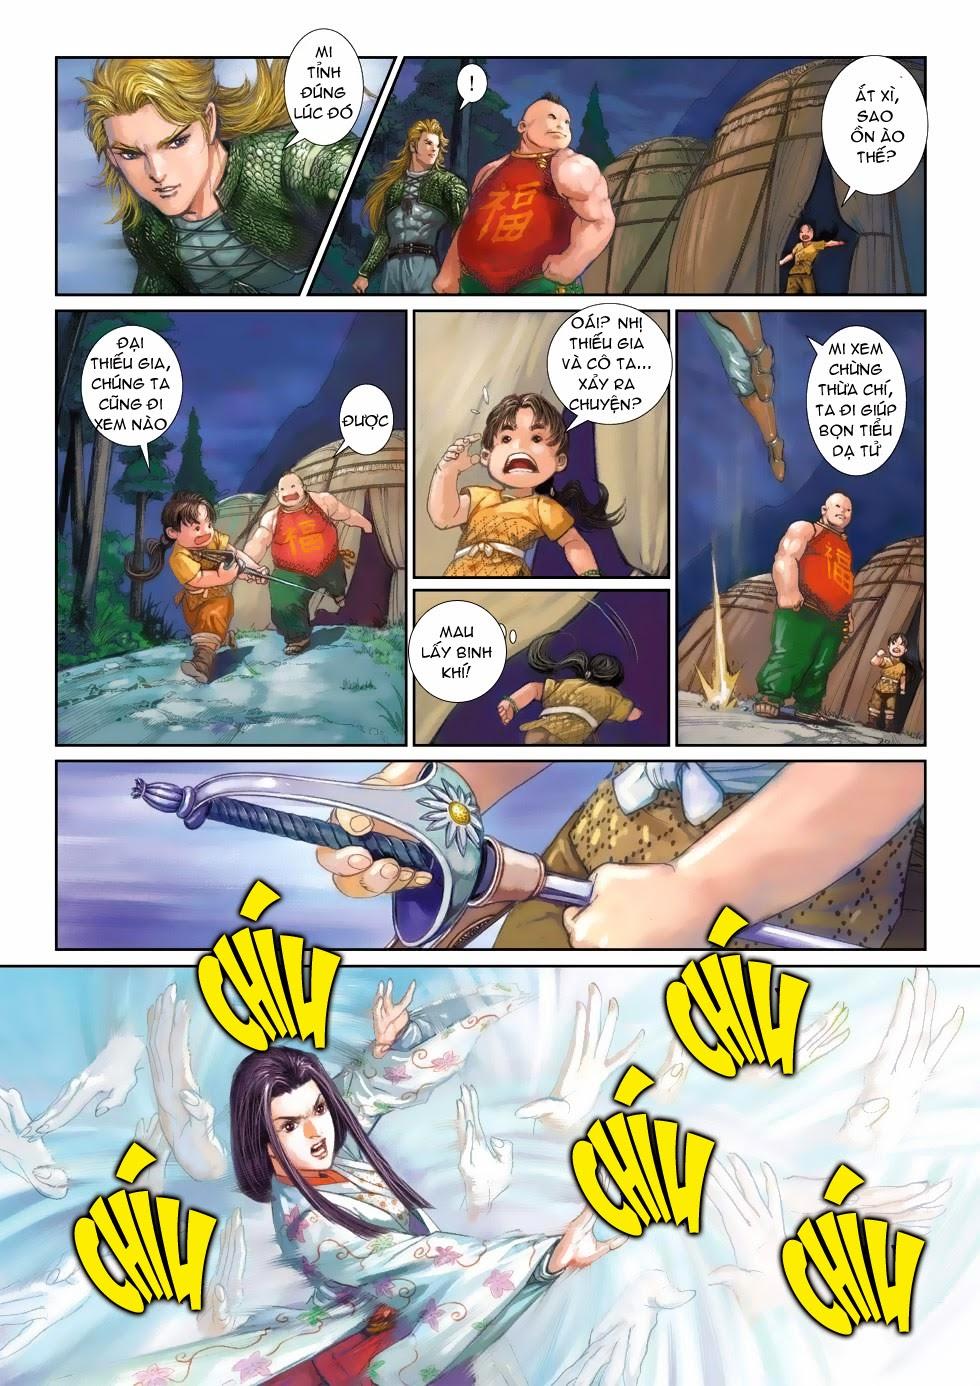 Thần Binh Tiền Truyện 4 - Huyền Thiên Tà Đế chap 3 - Trang 27